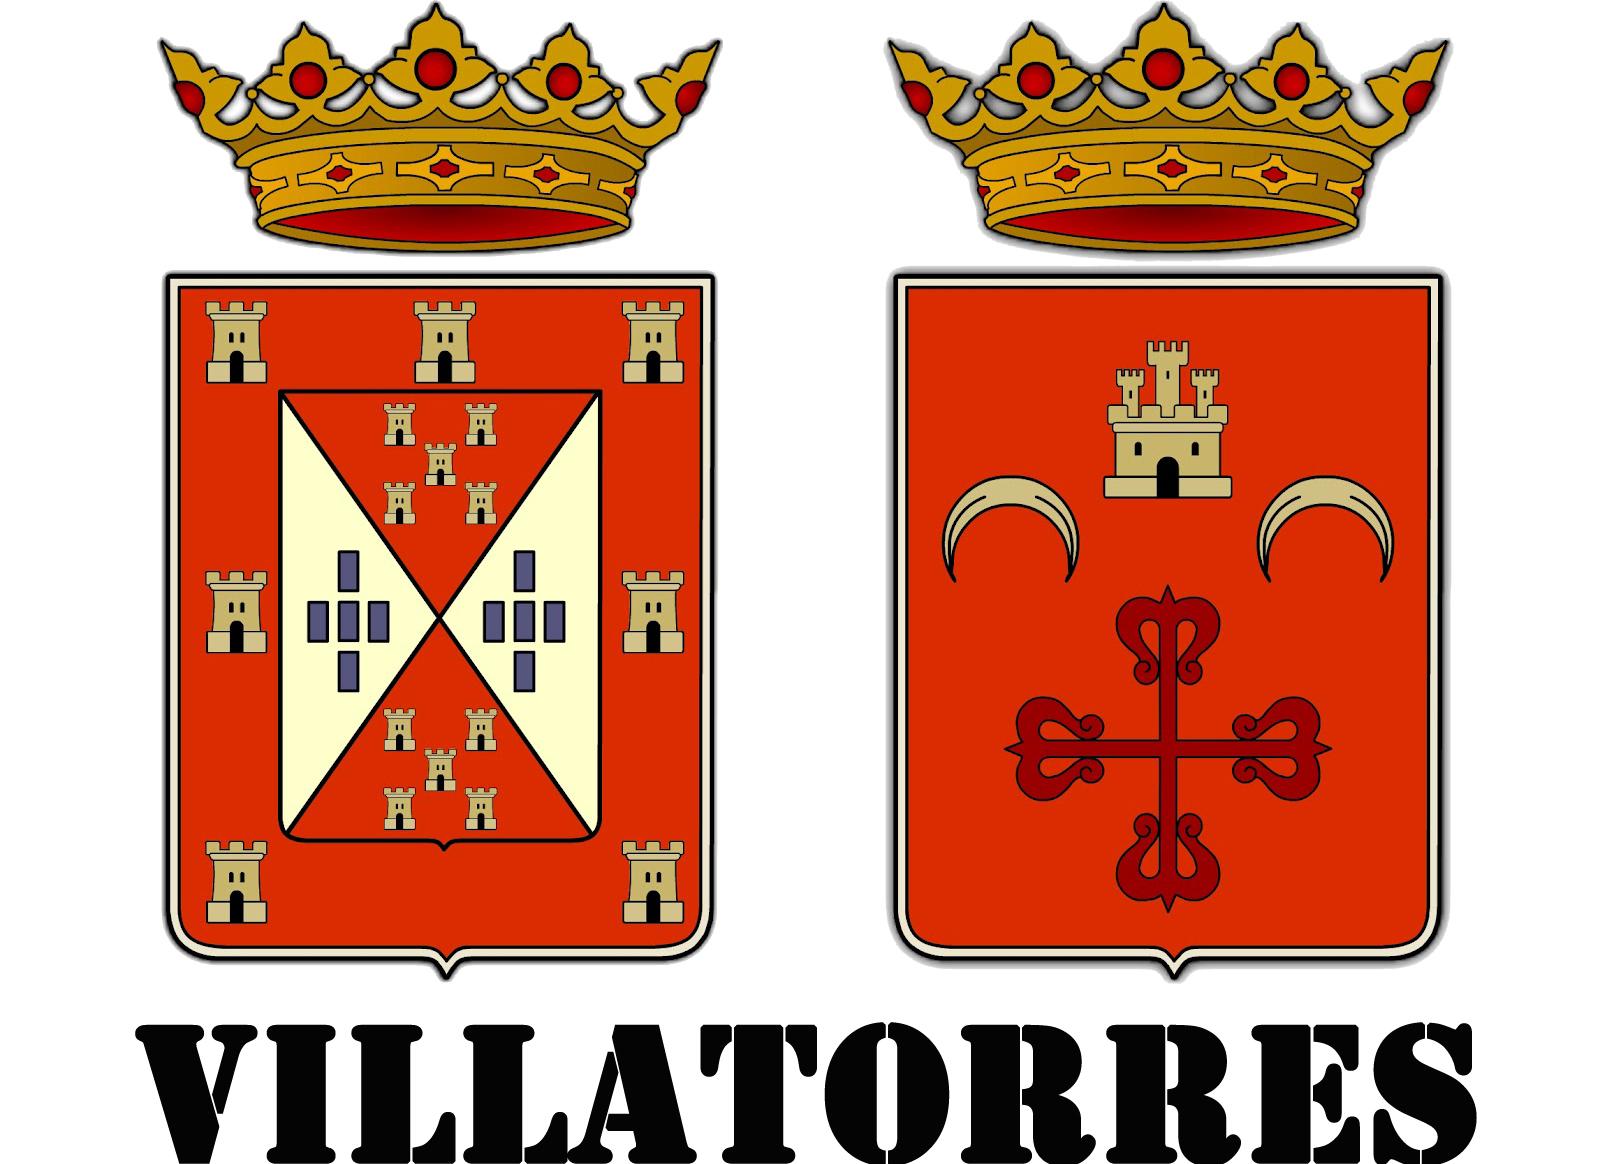 VILLATORRES.ES